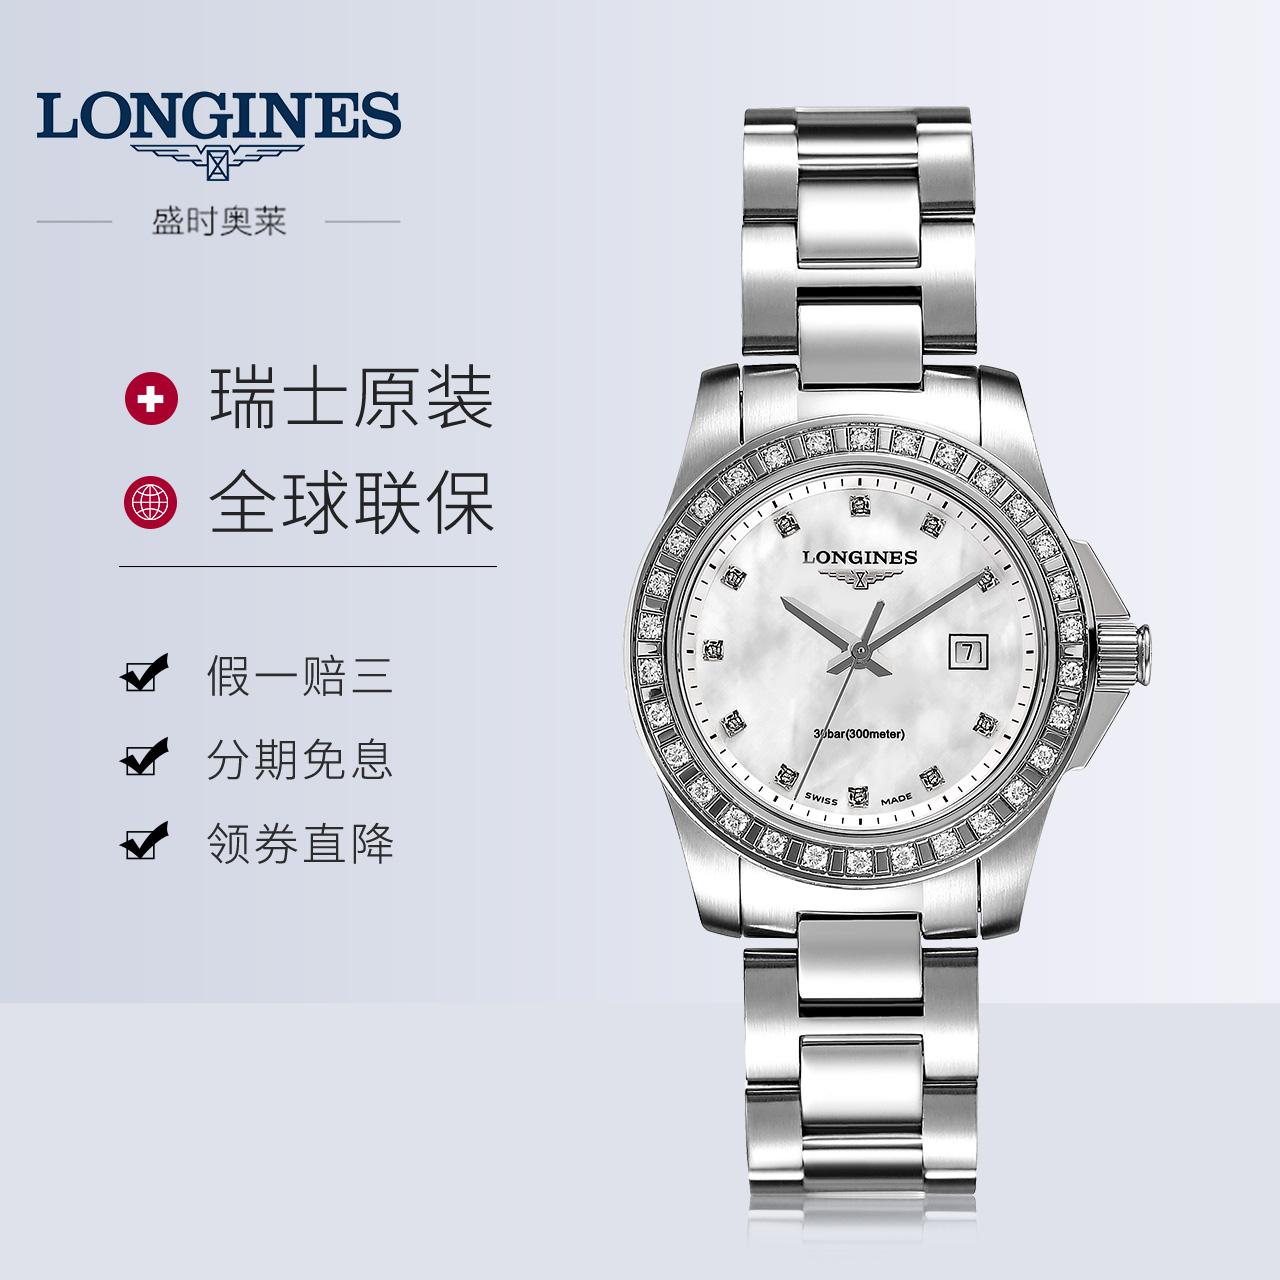 【热】Longines浪琴正品康卡斯系列镶钻贝母石英手表女L32580886